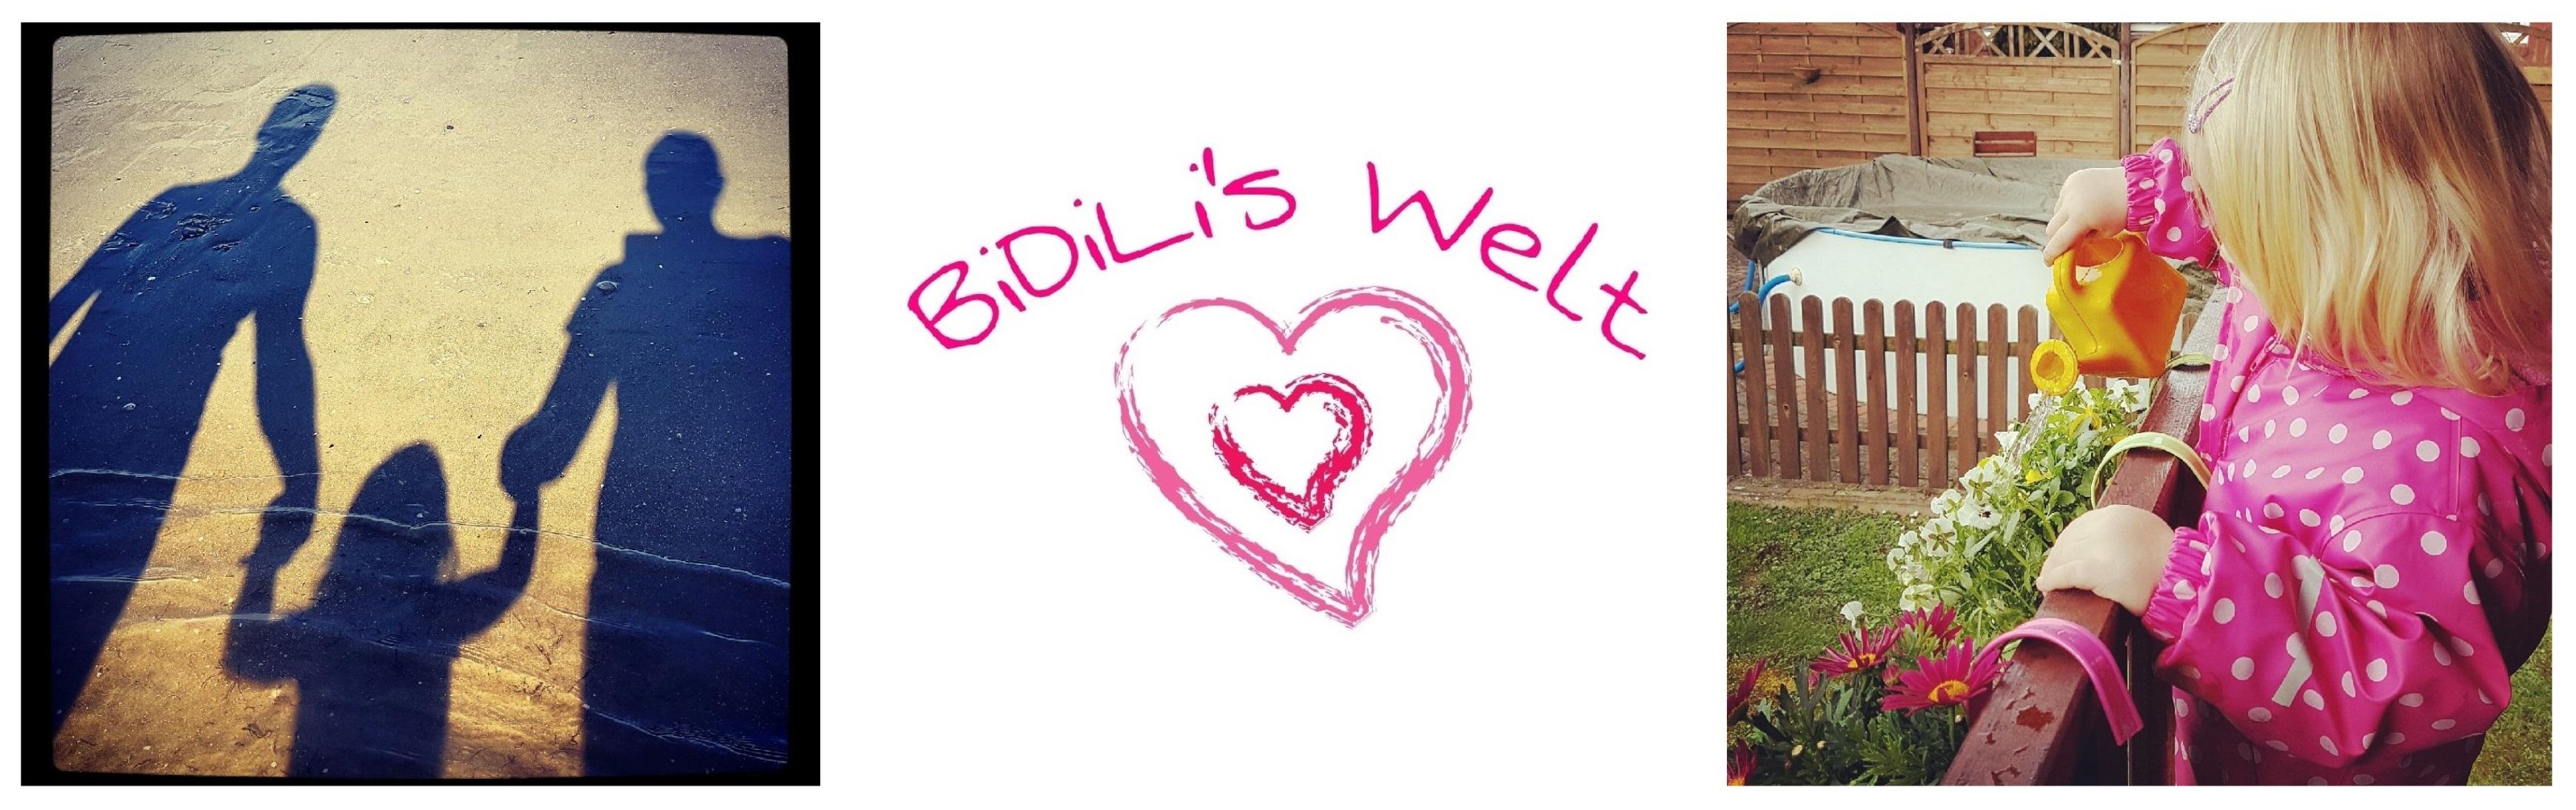 Bidilis-Welt